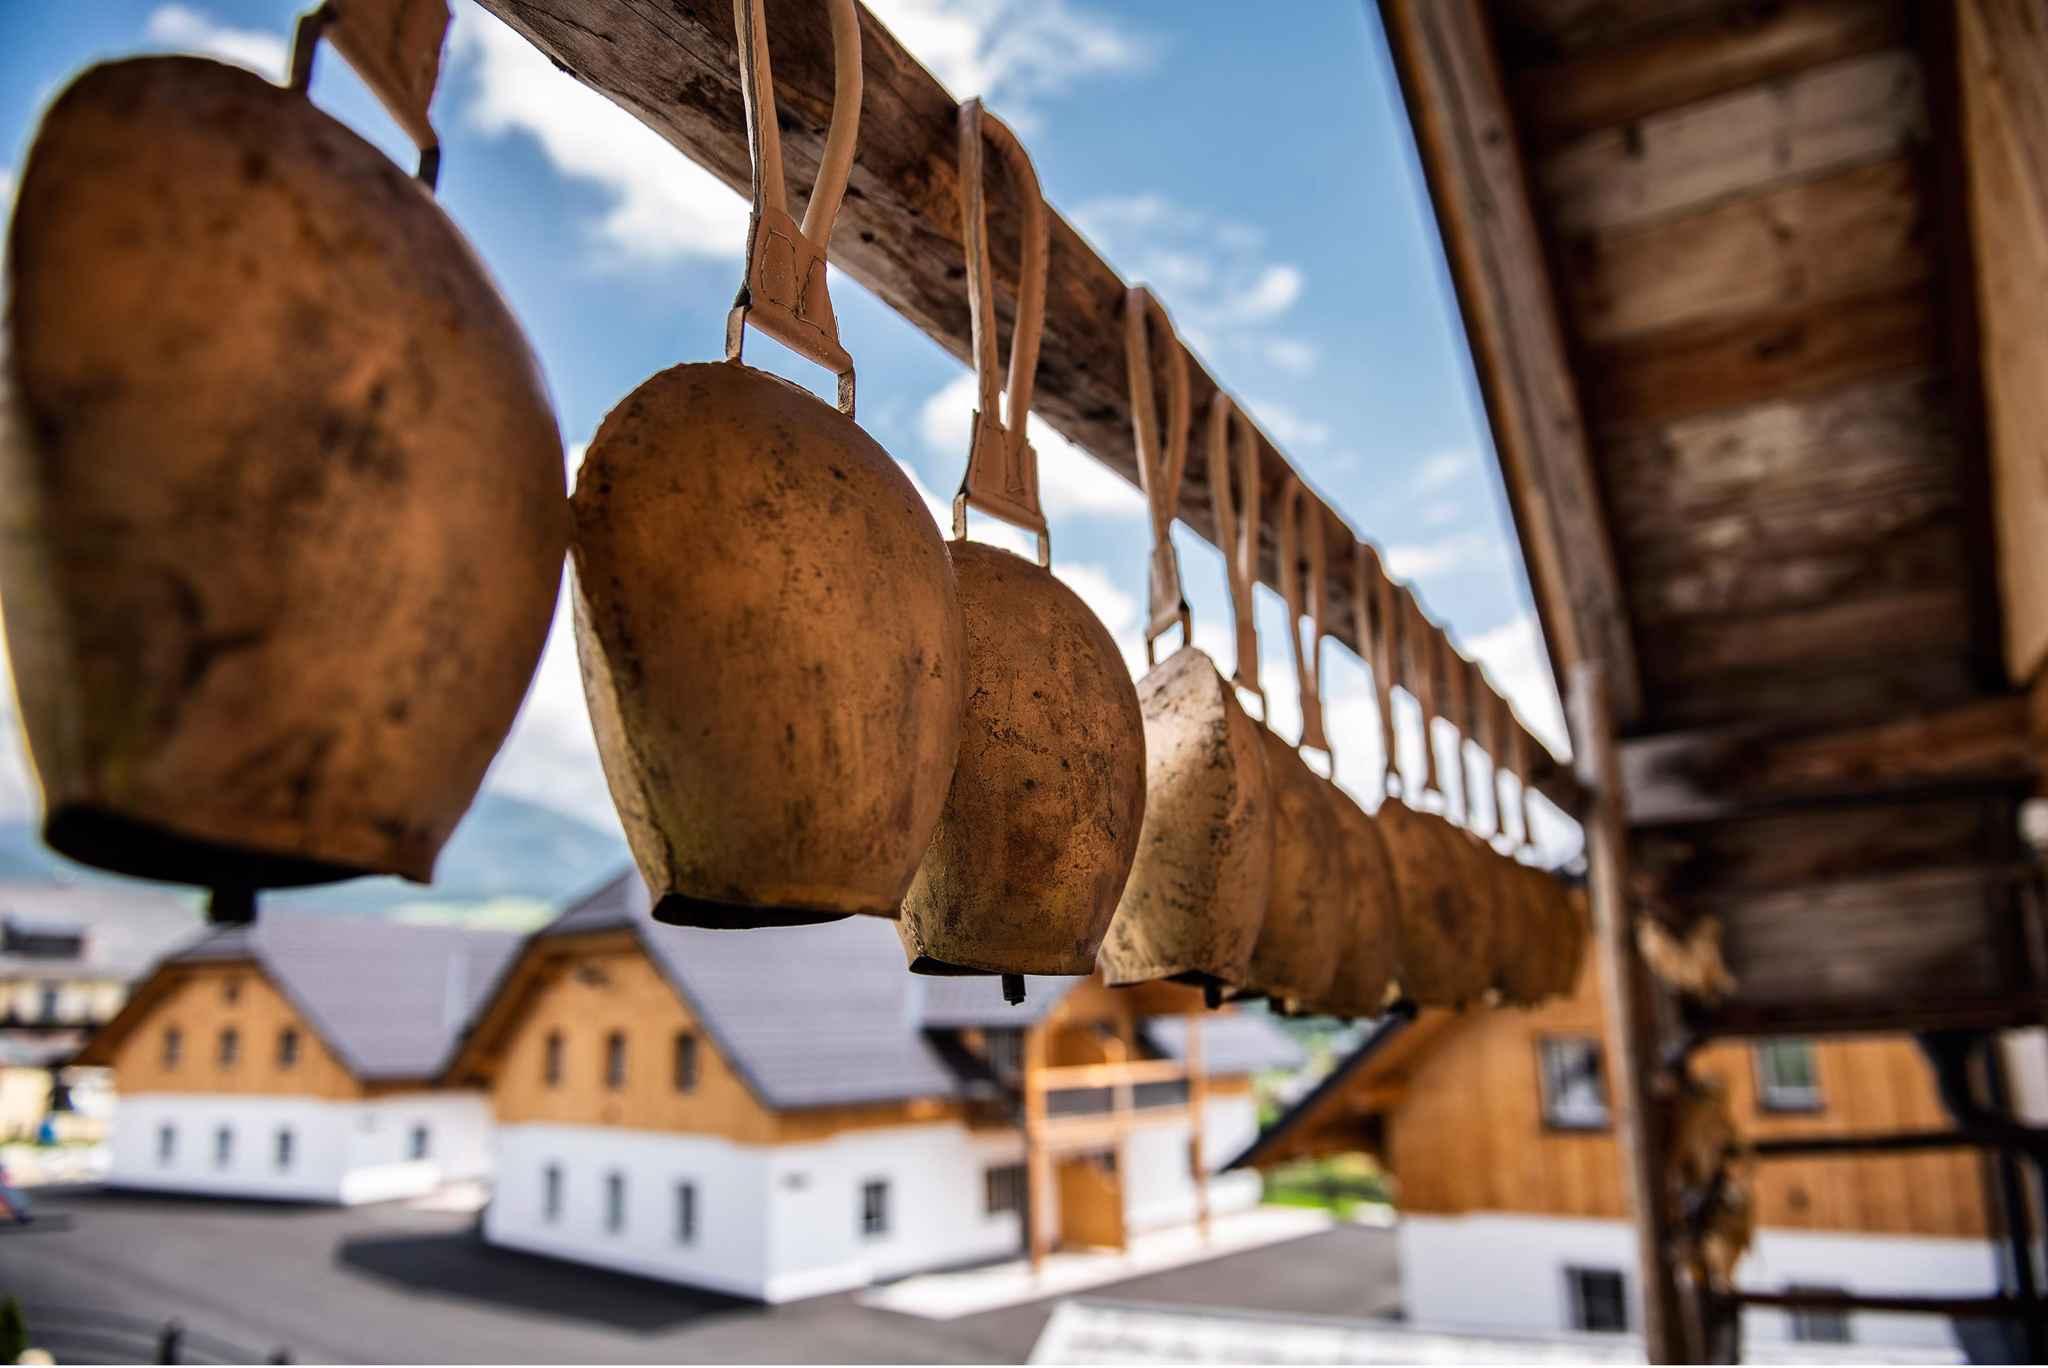 Ferienhaus im Feriendorf Edelweiss (2916176), Mariapfarr, Lungau, Salzburg, Österreich, Bild 49